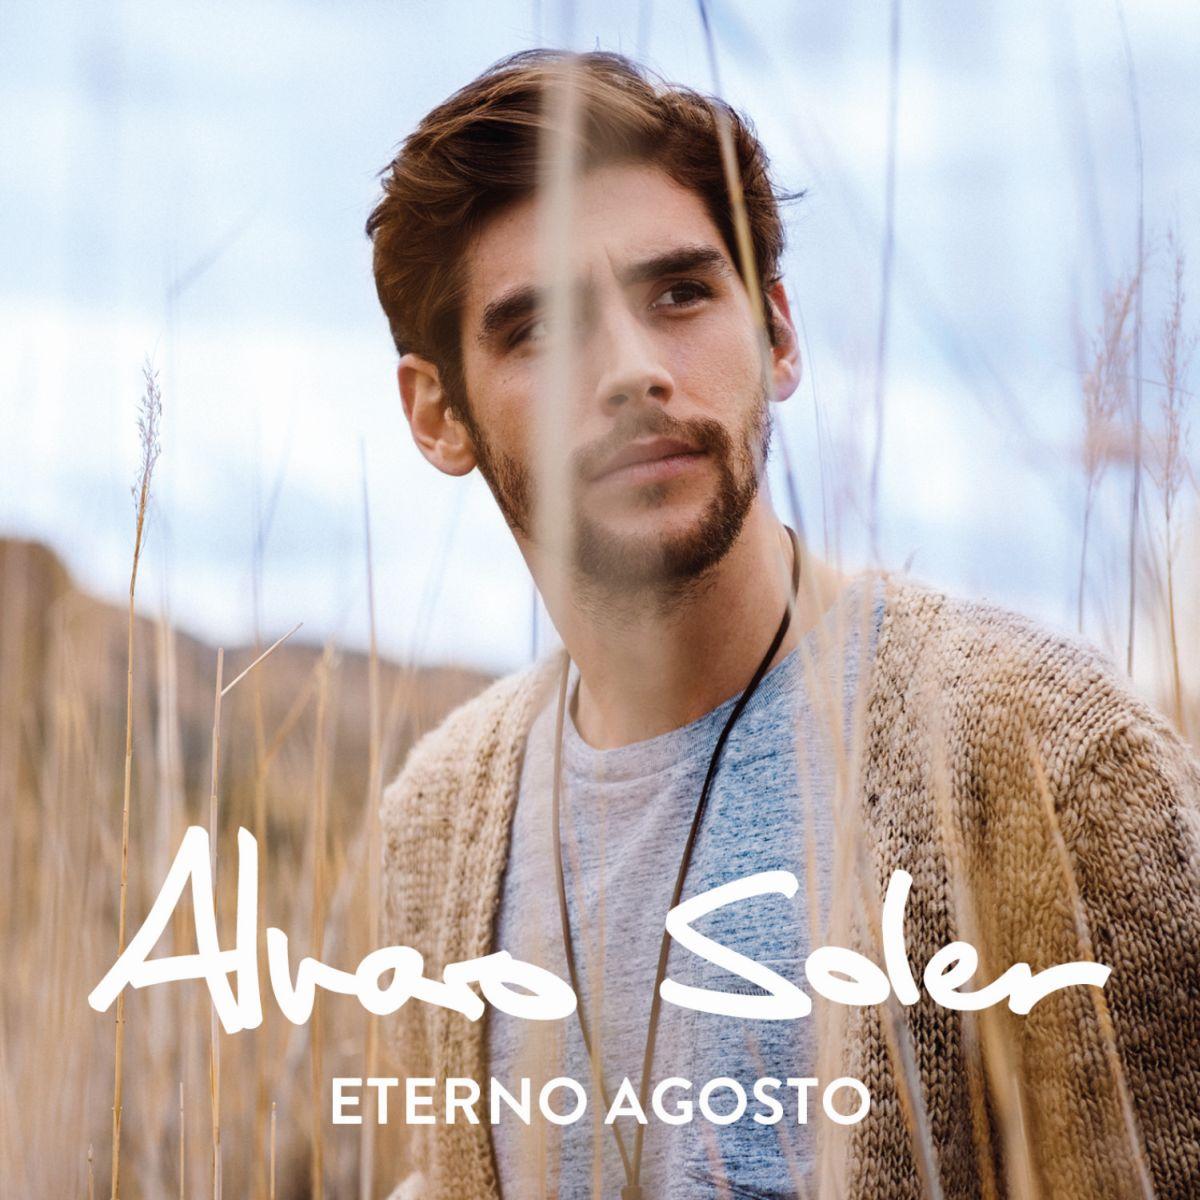 Alvaro Soler_Cover album_Eterno Agosto_300CMYK_m